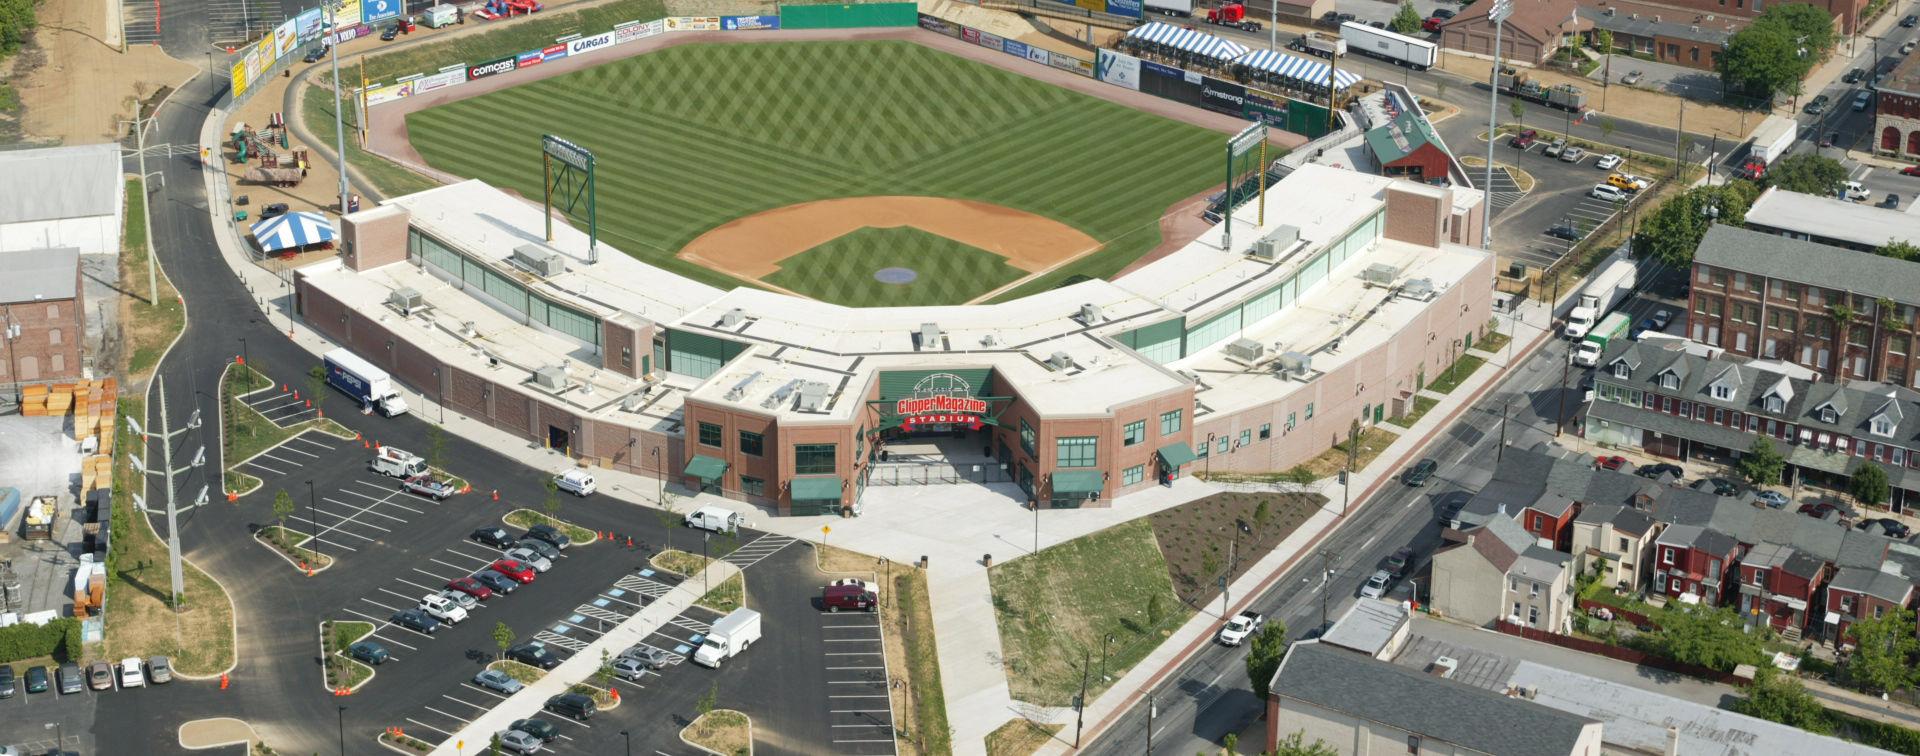 Lancaster Clipper Stadium Aerial View